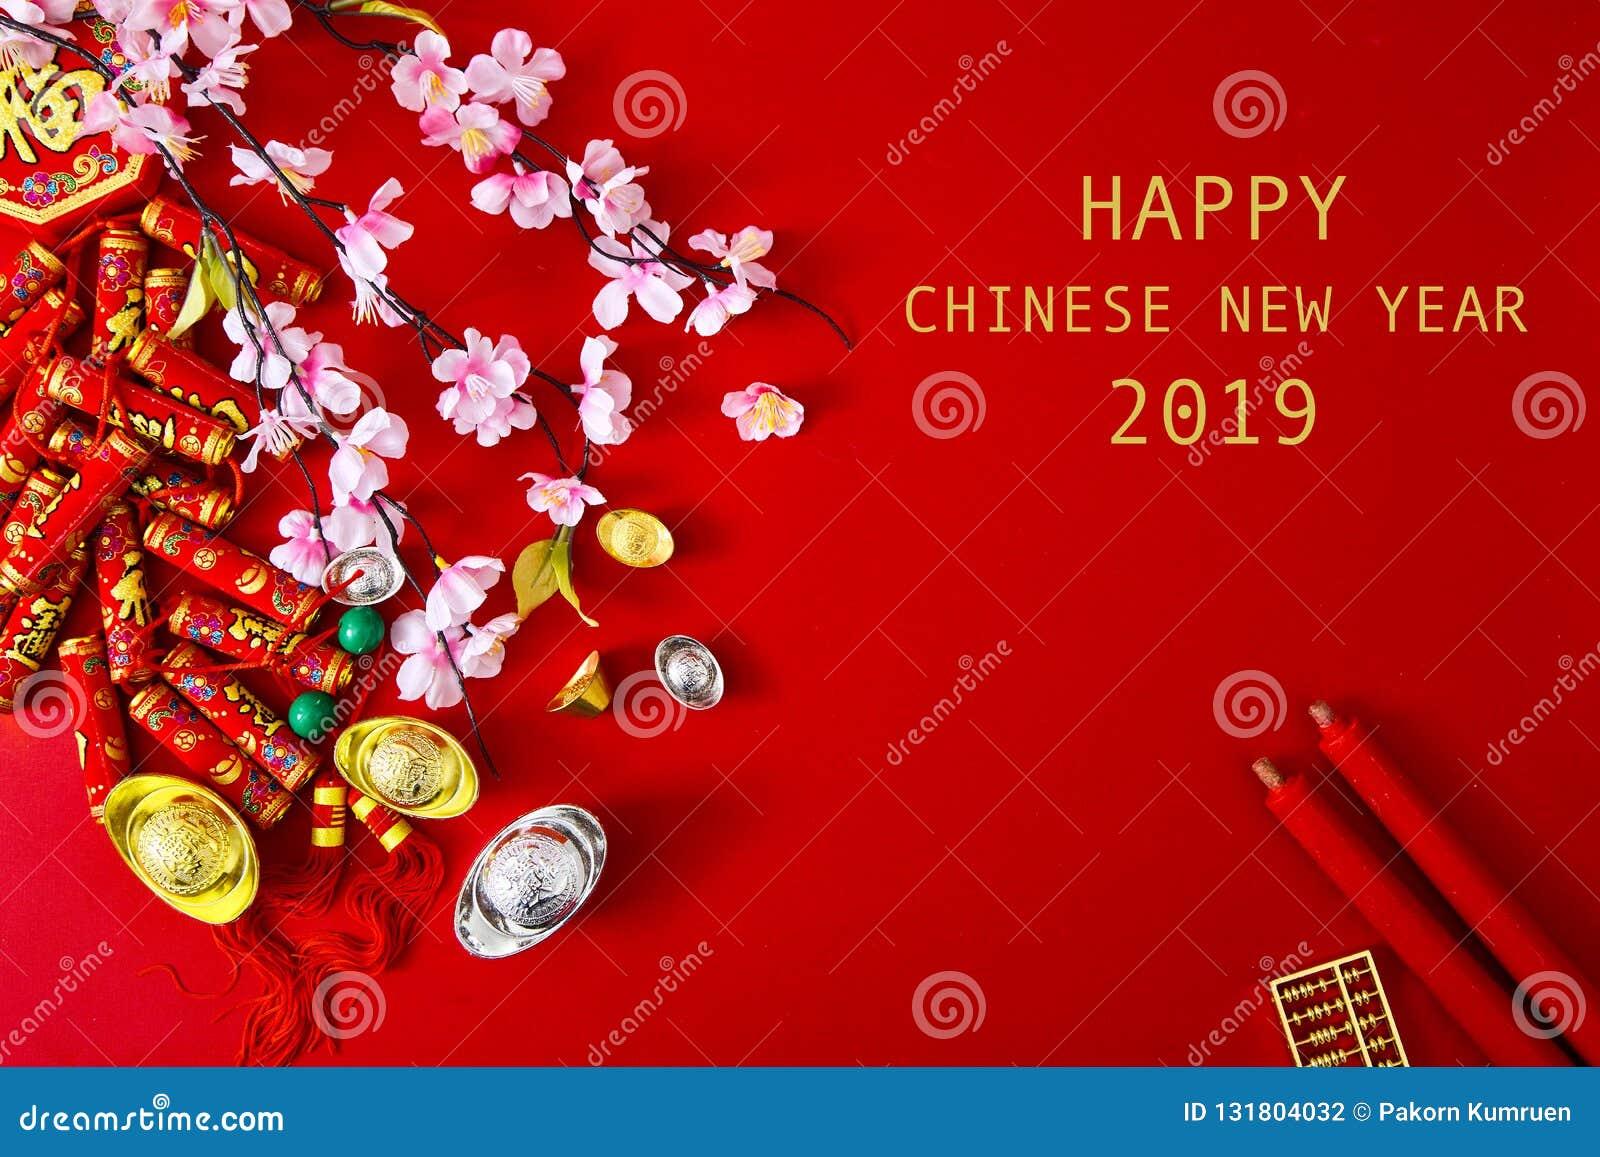 Adorne el Año Nuevo chino 2019 en un fondo rojo (caracteres chinos Fu en el artículo refiera a la buena suerte, riqueza, flujo de